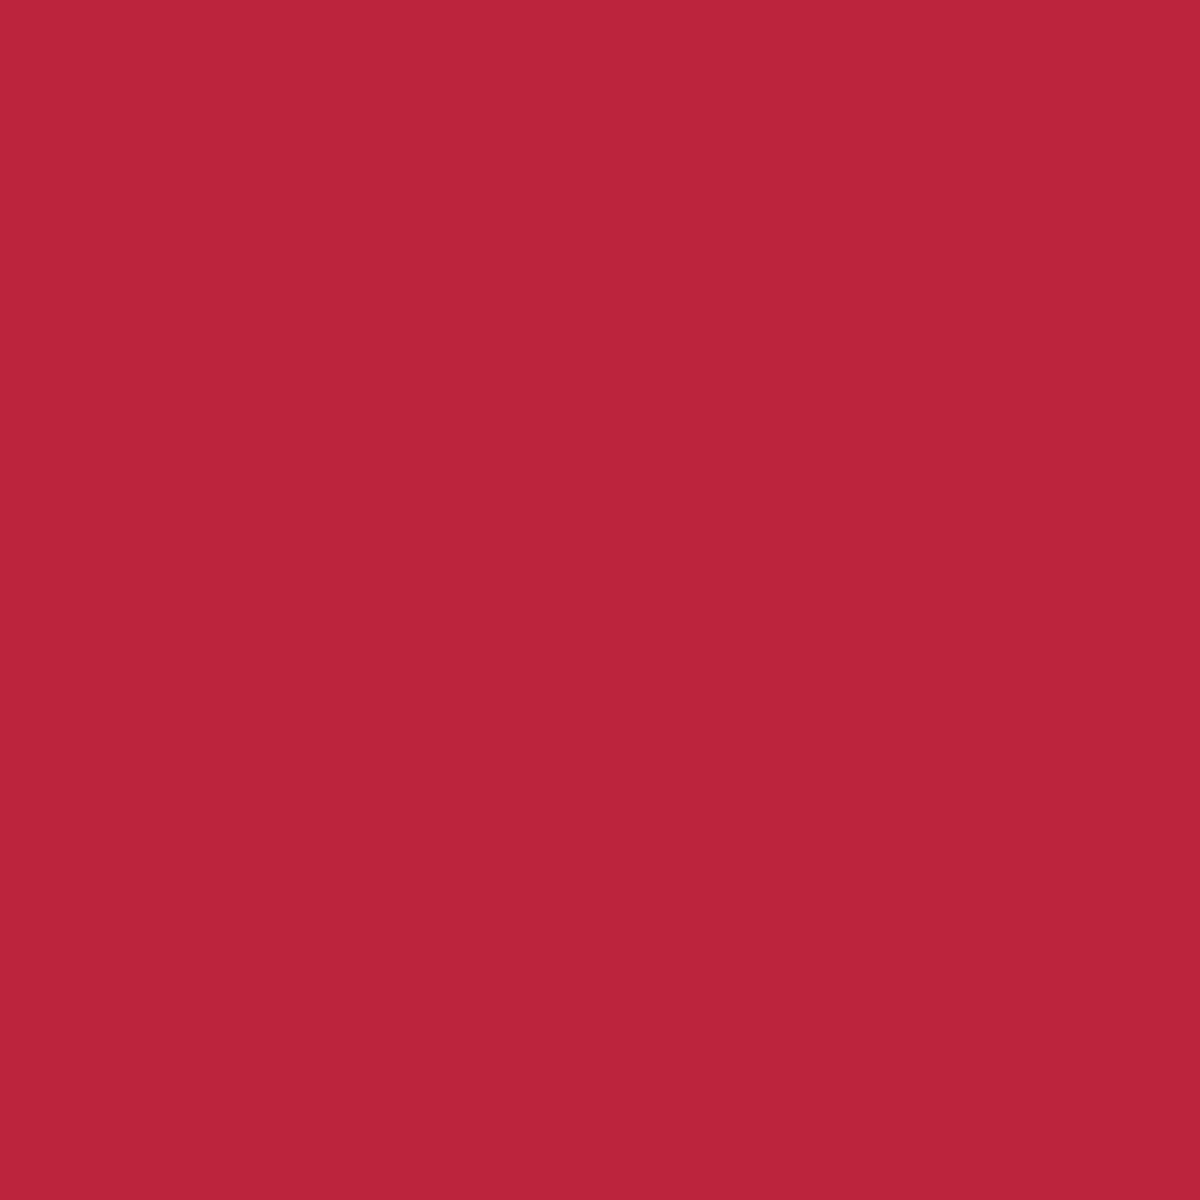 True-Red